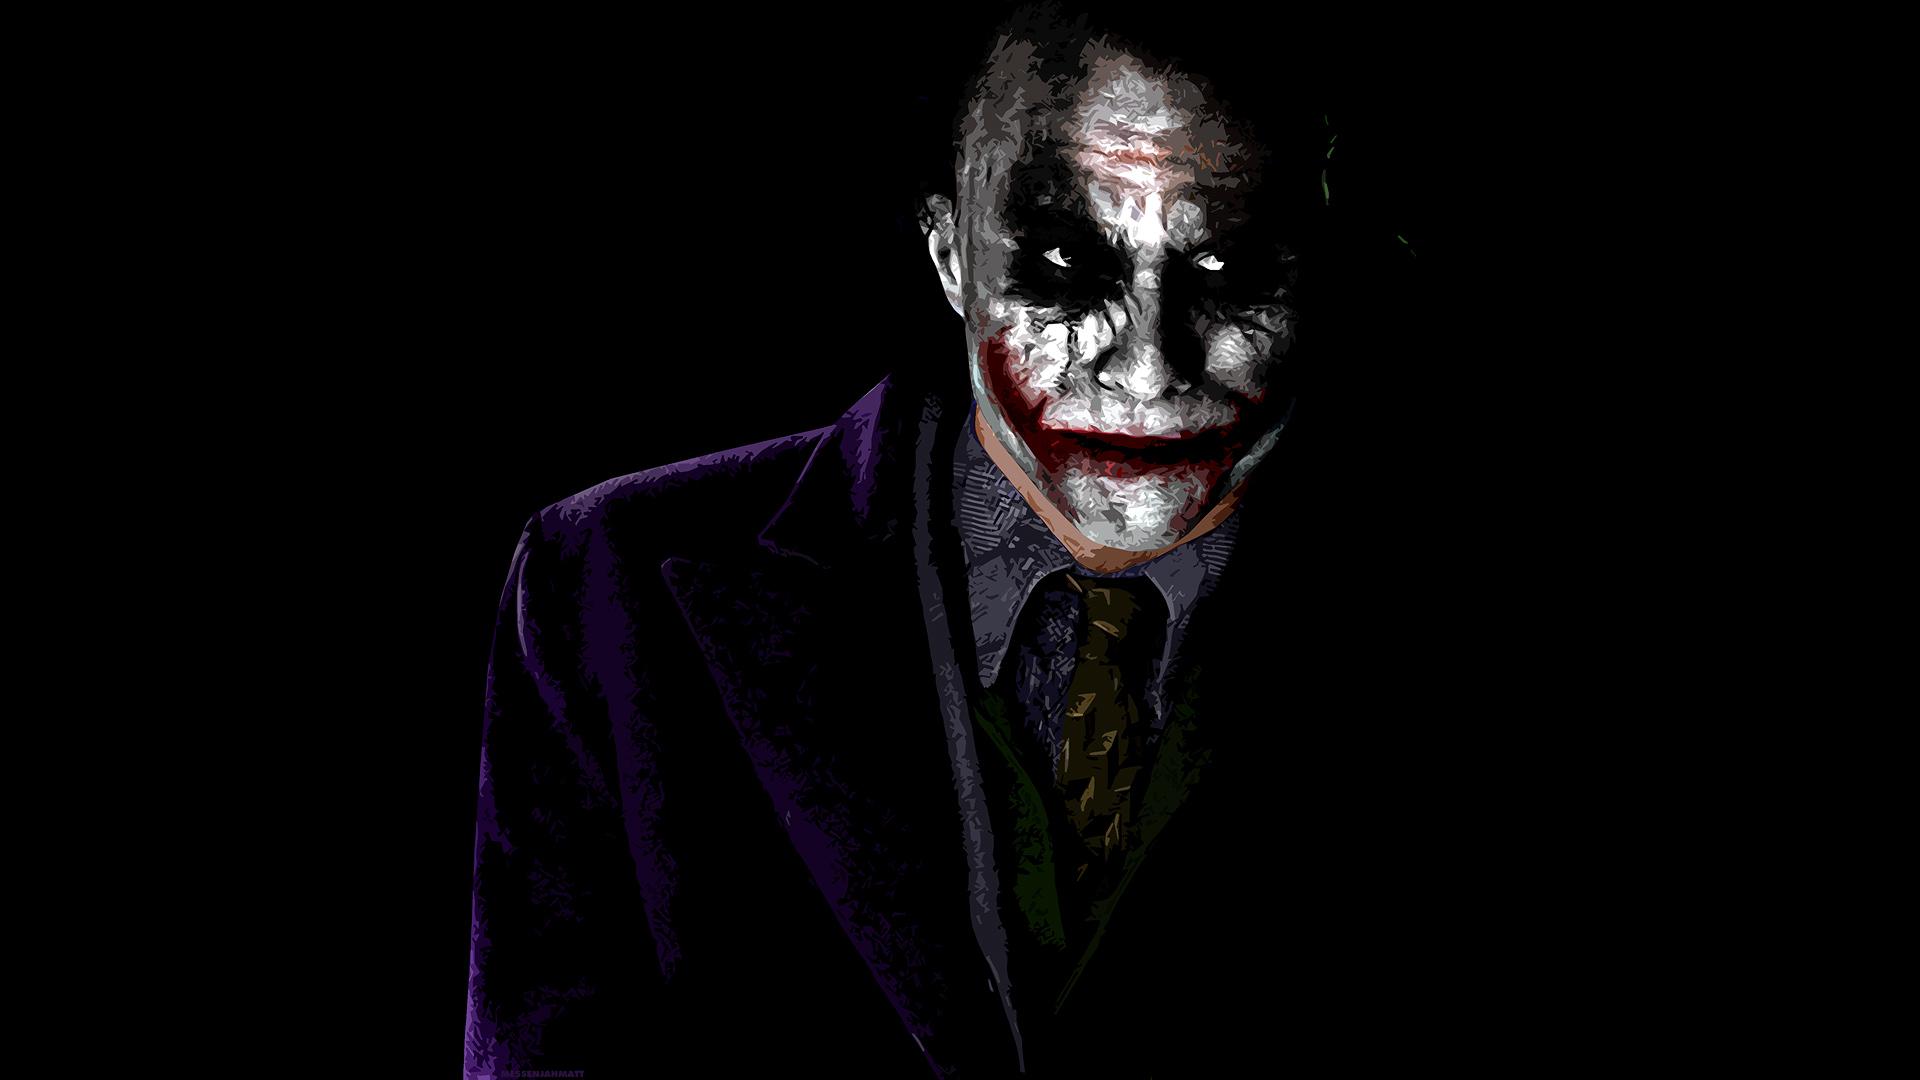 Joker HD Wallpapers 1080p - WallpaperSafari